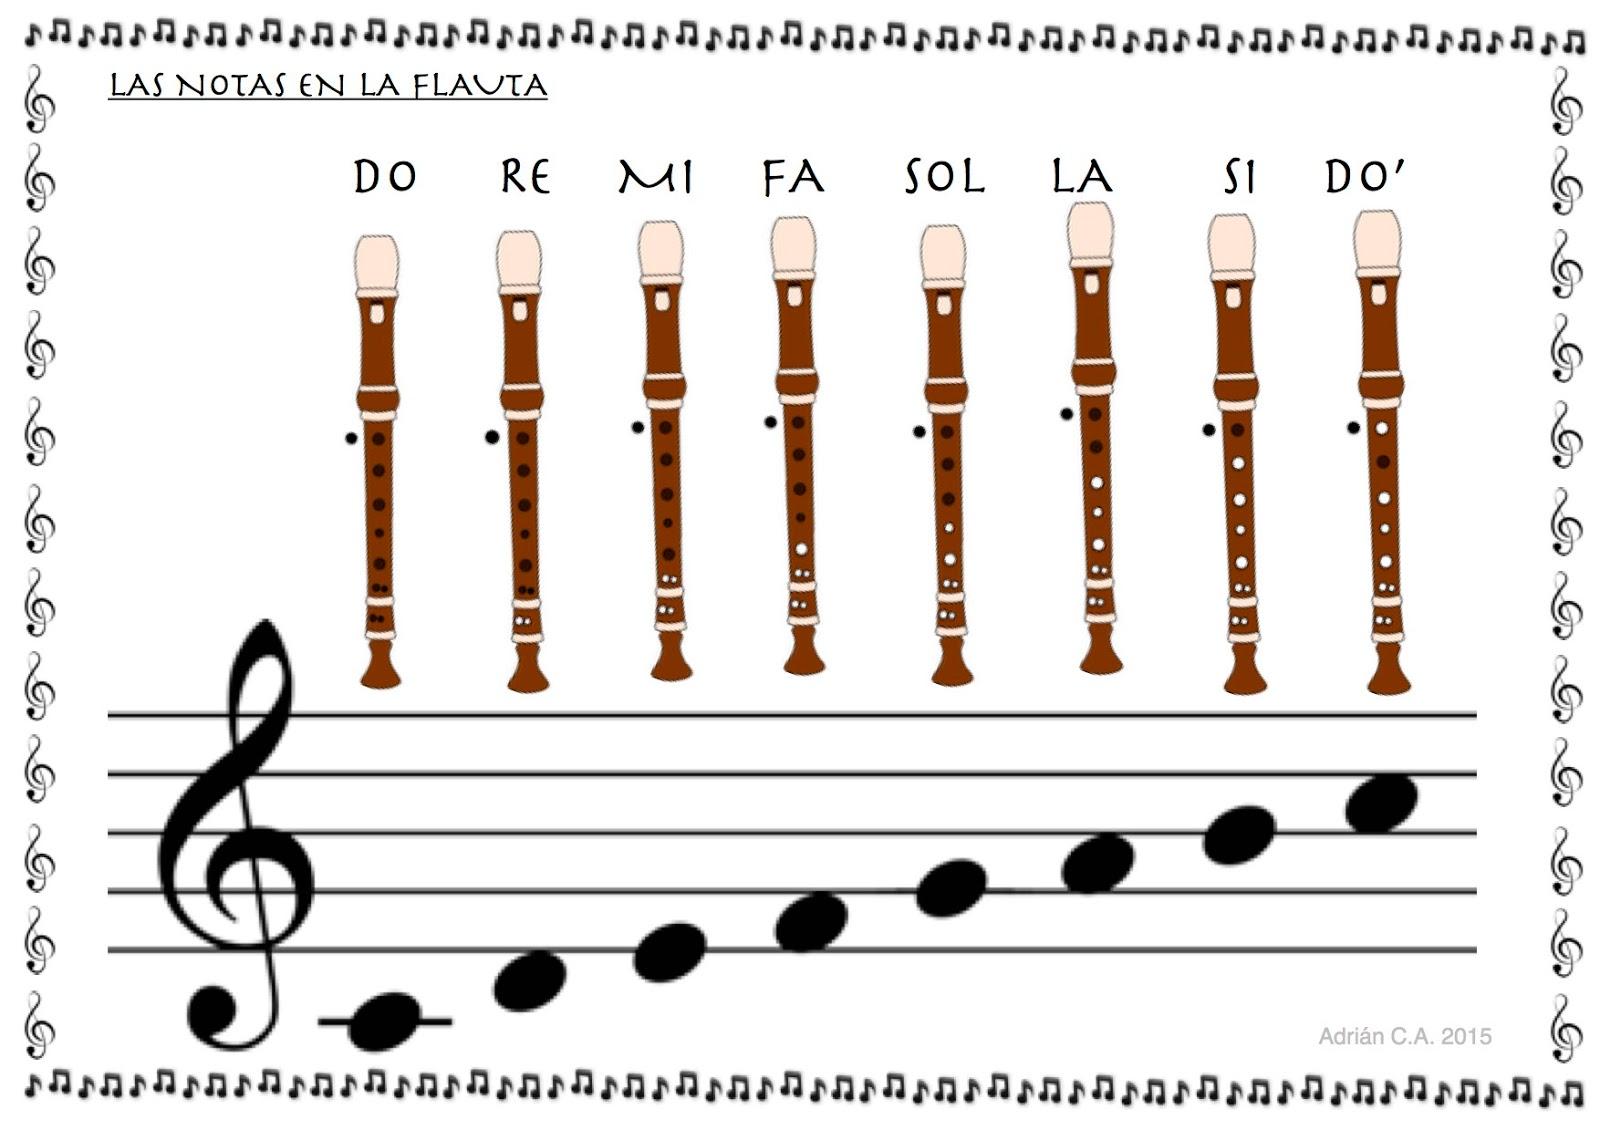 Cousas de artistas: Las notas en la Flauta